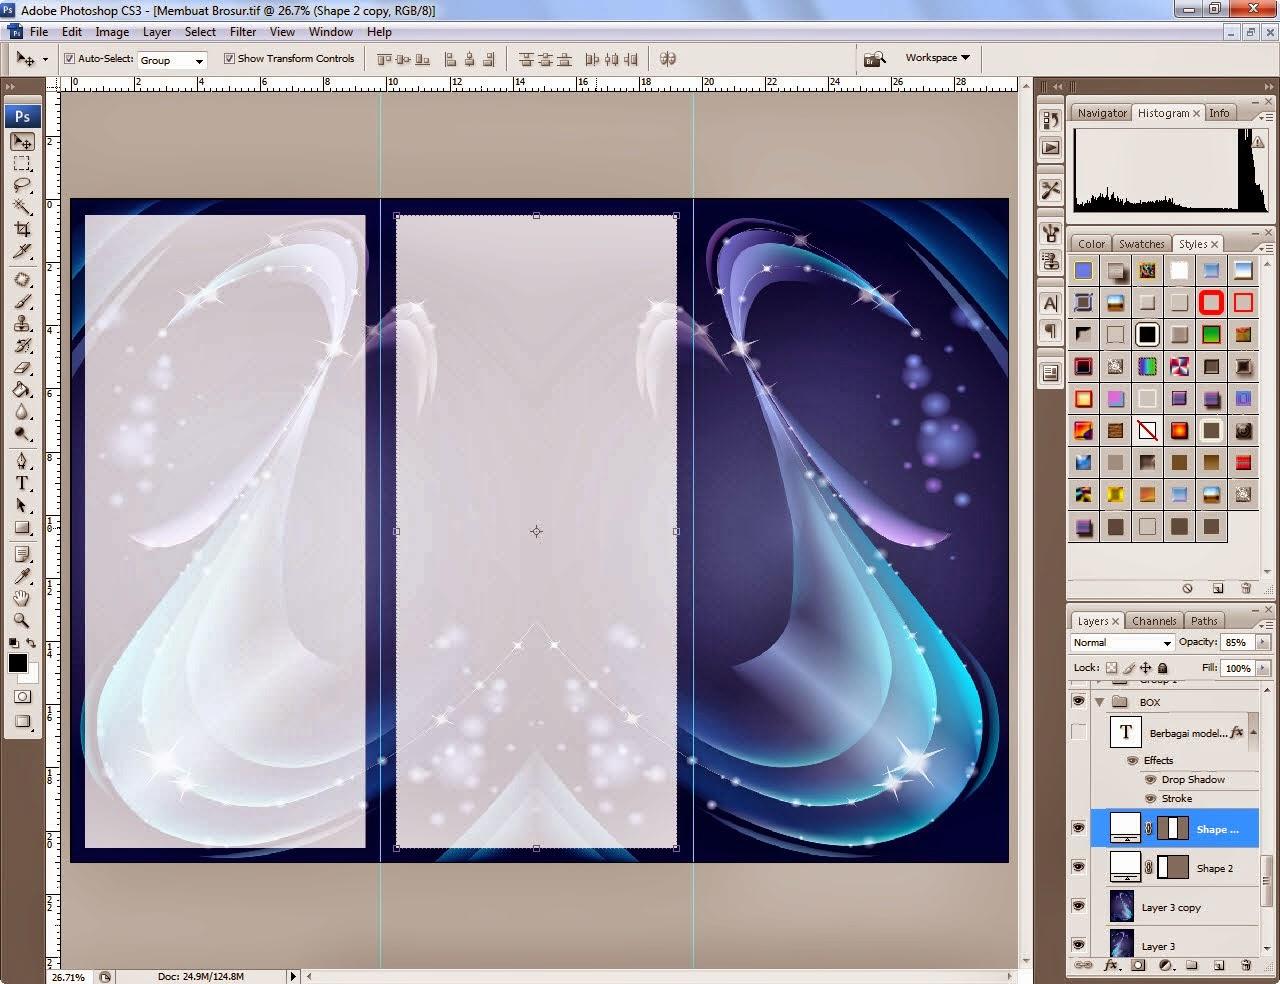 Membuat Brosur dari Adobe Illustrator - Kelas Desain ...